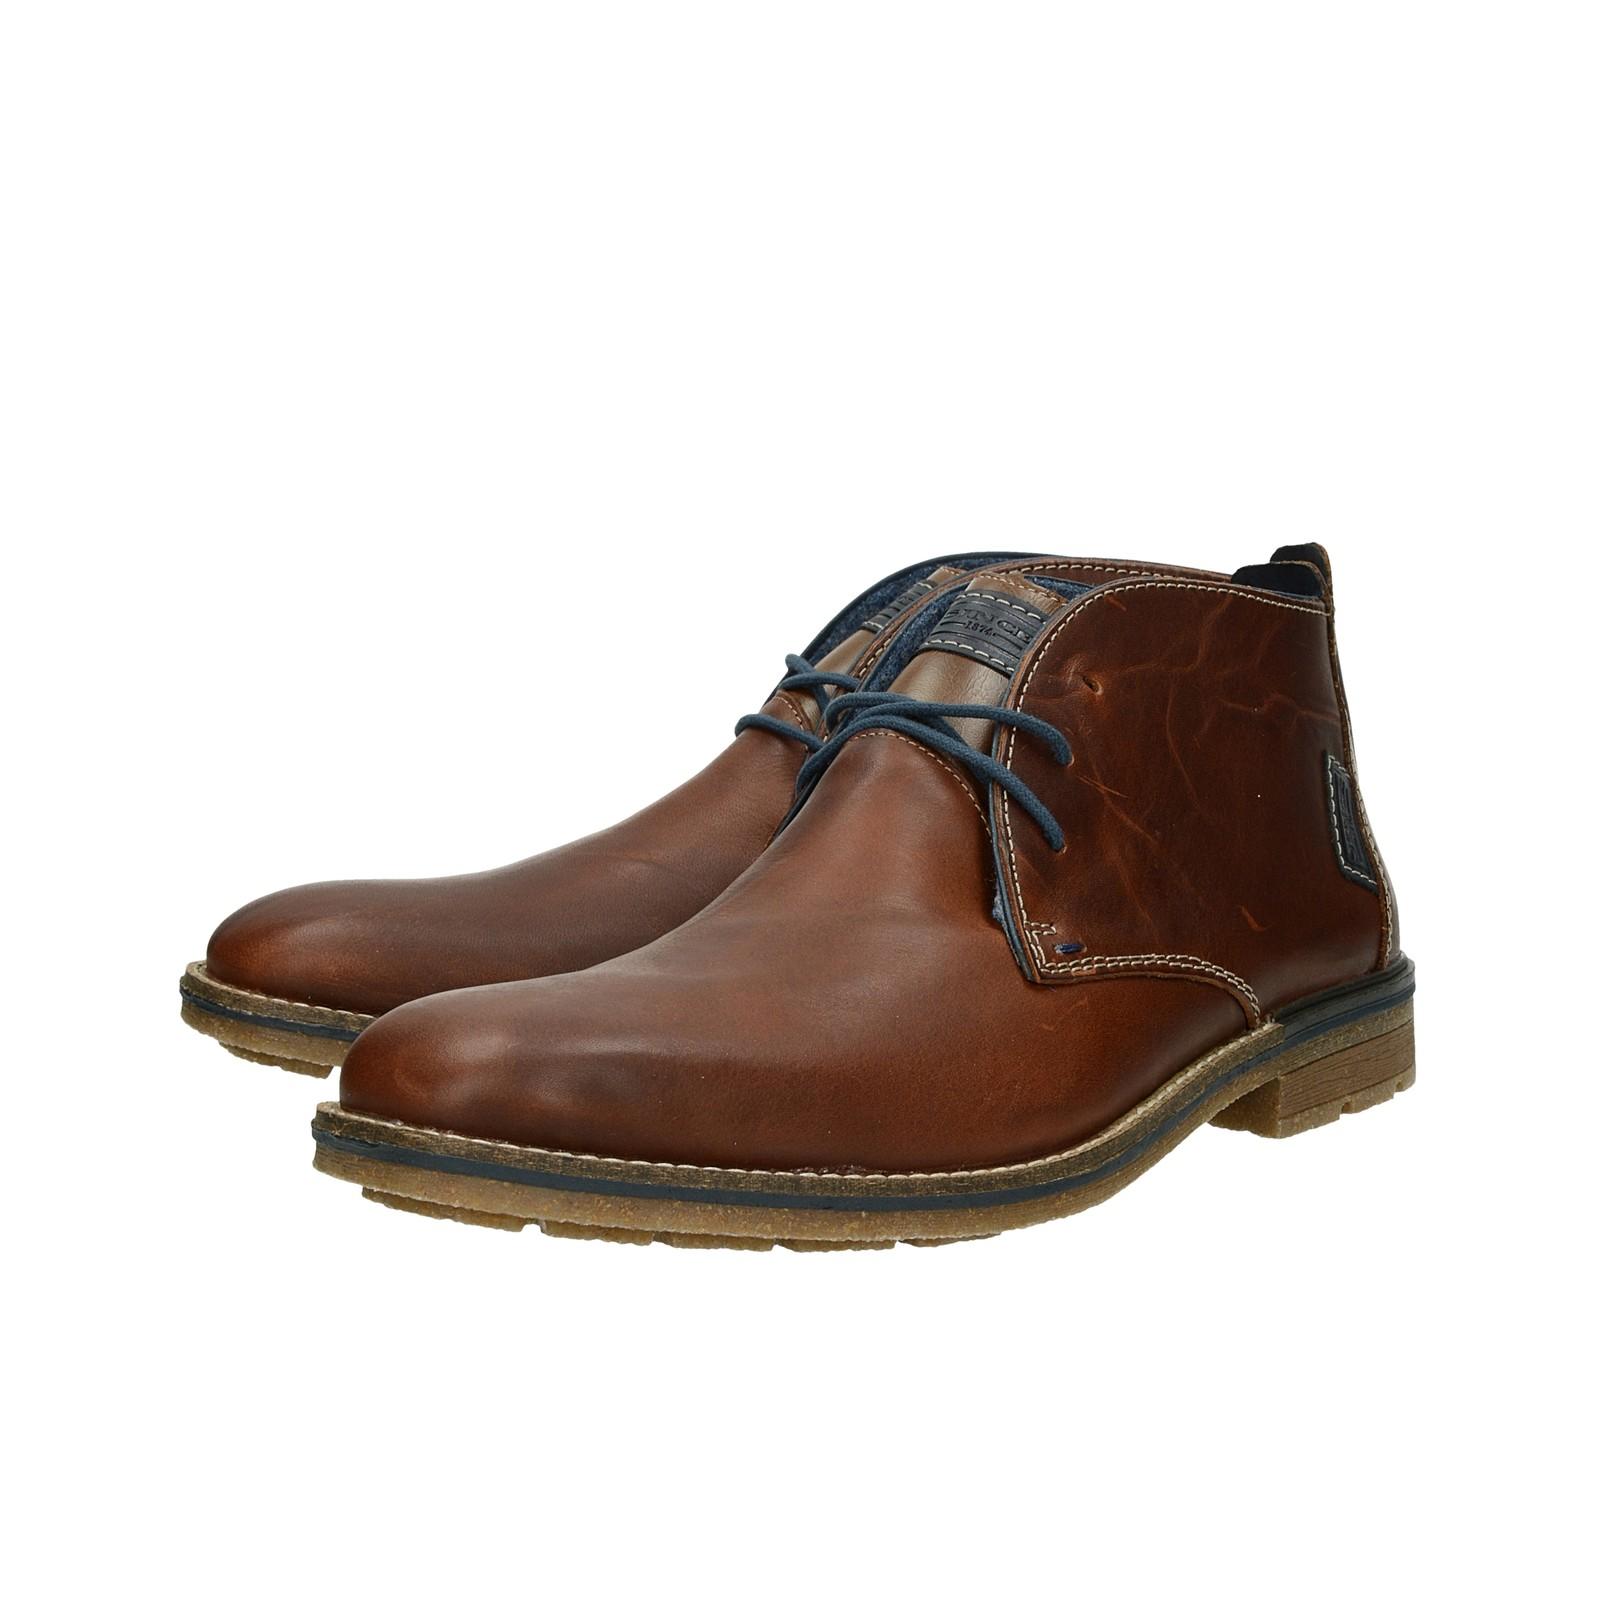 8a6c9a962305 ... Rieker pánska kožená členková obuv - hnedá ...